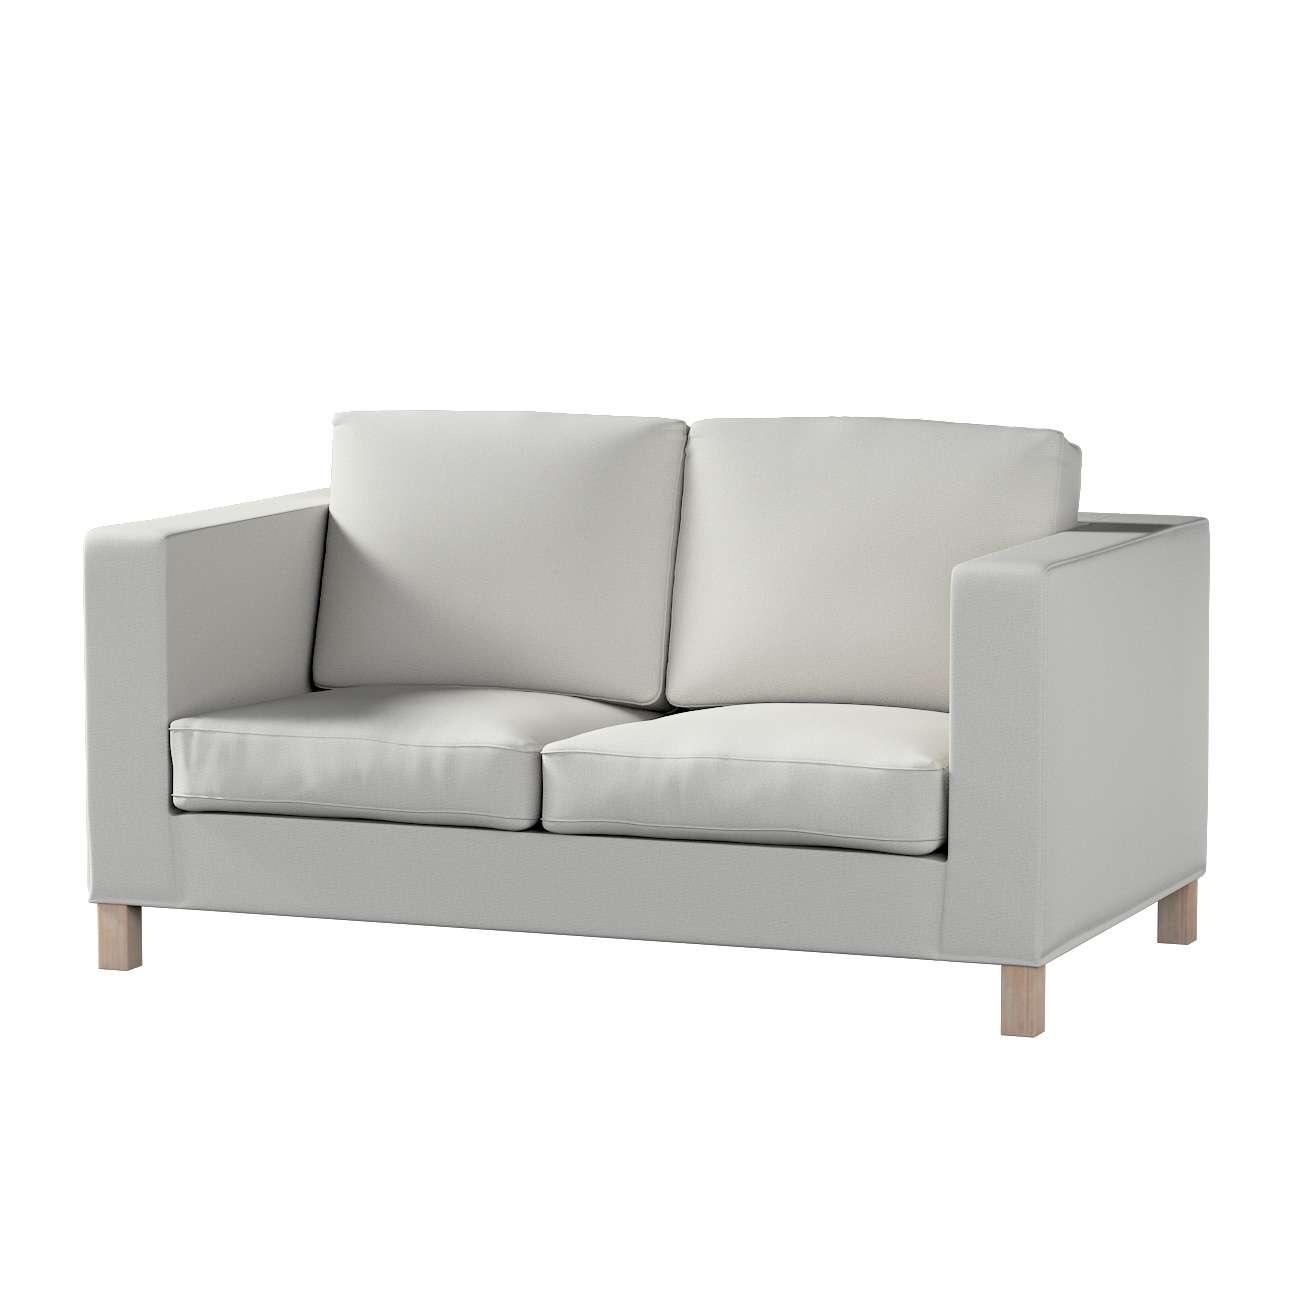 KARLANDA dvivietės sofos užvalkalas KARLANDA dvivietės sofos užvalkalas kolekcijoje Etna , audinys: 705-90